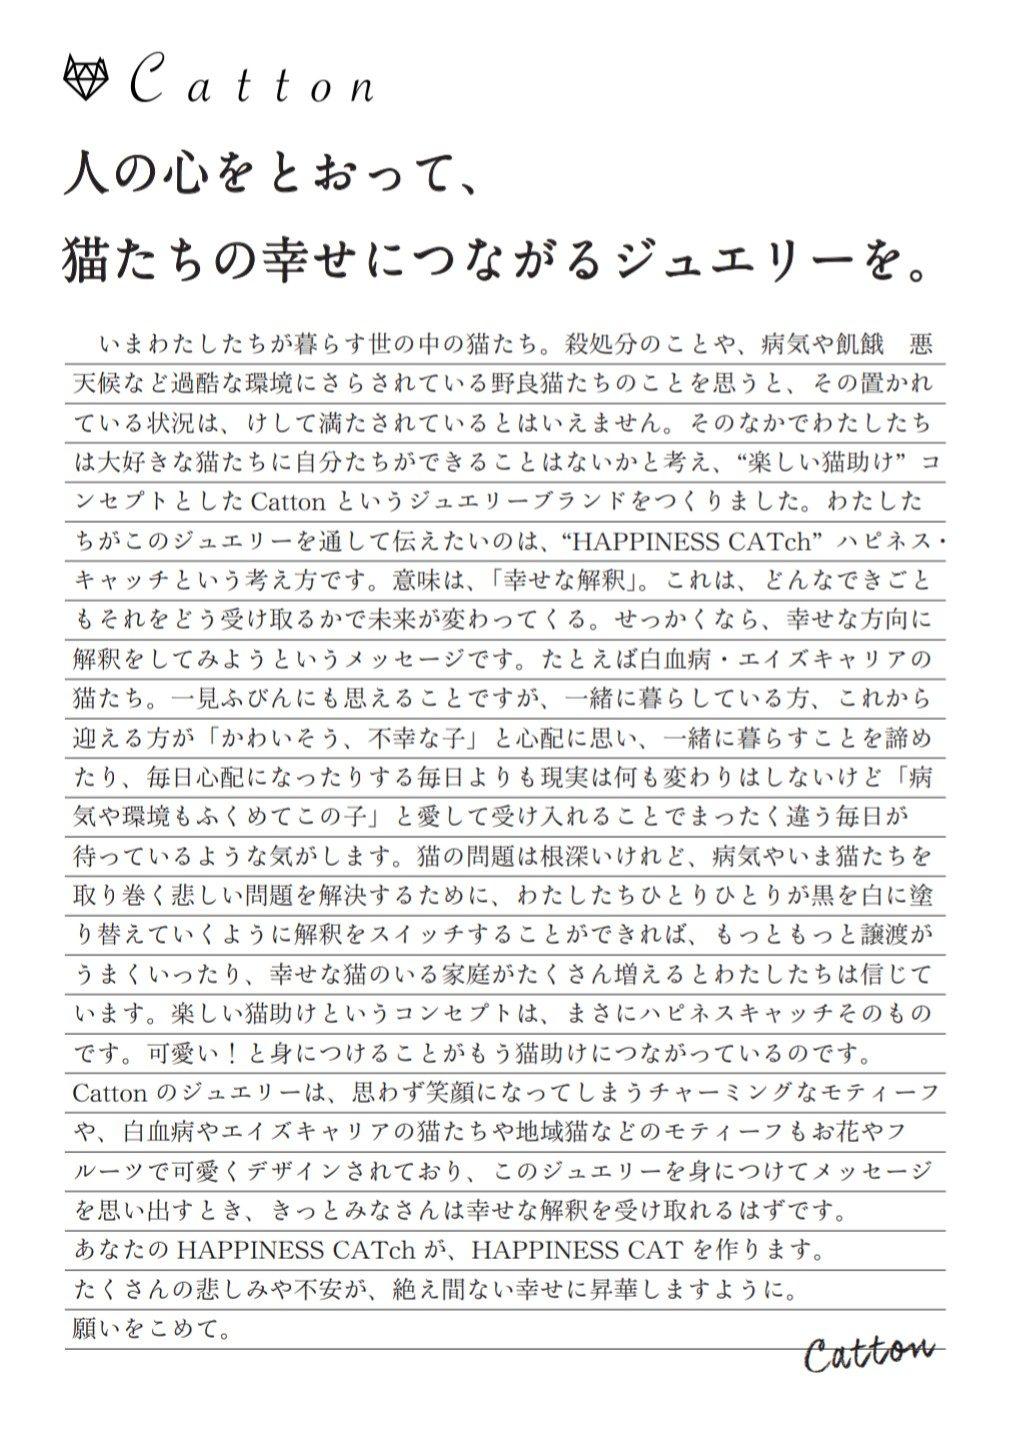 Cattonキャラクターのメッセージ